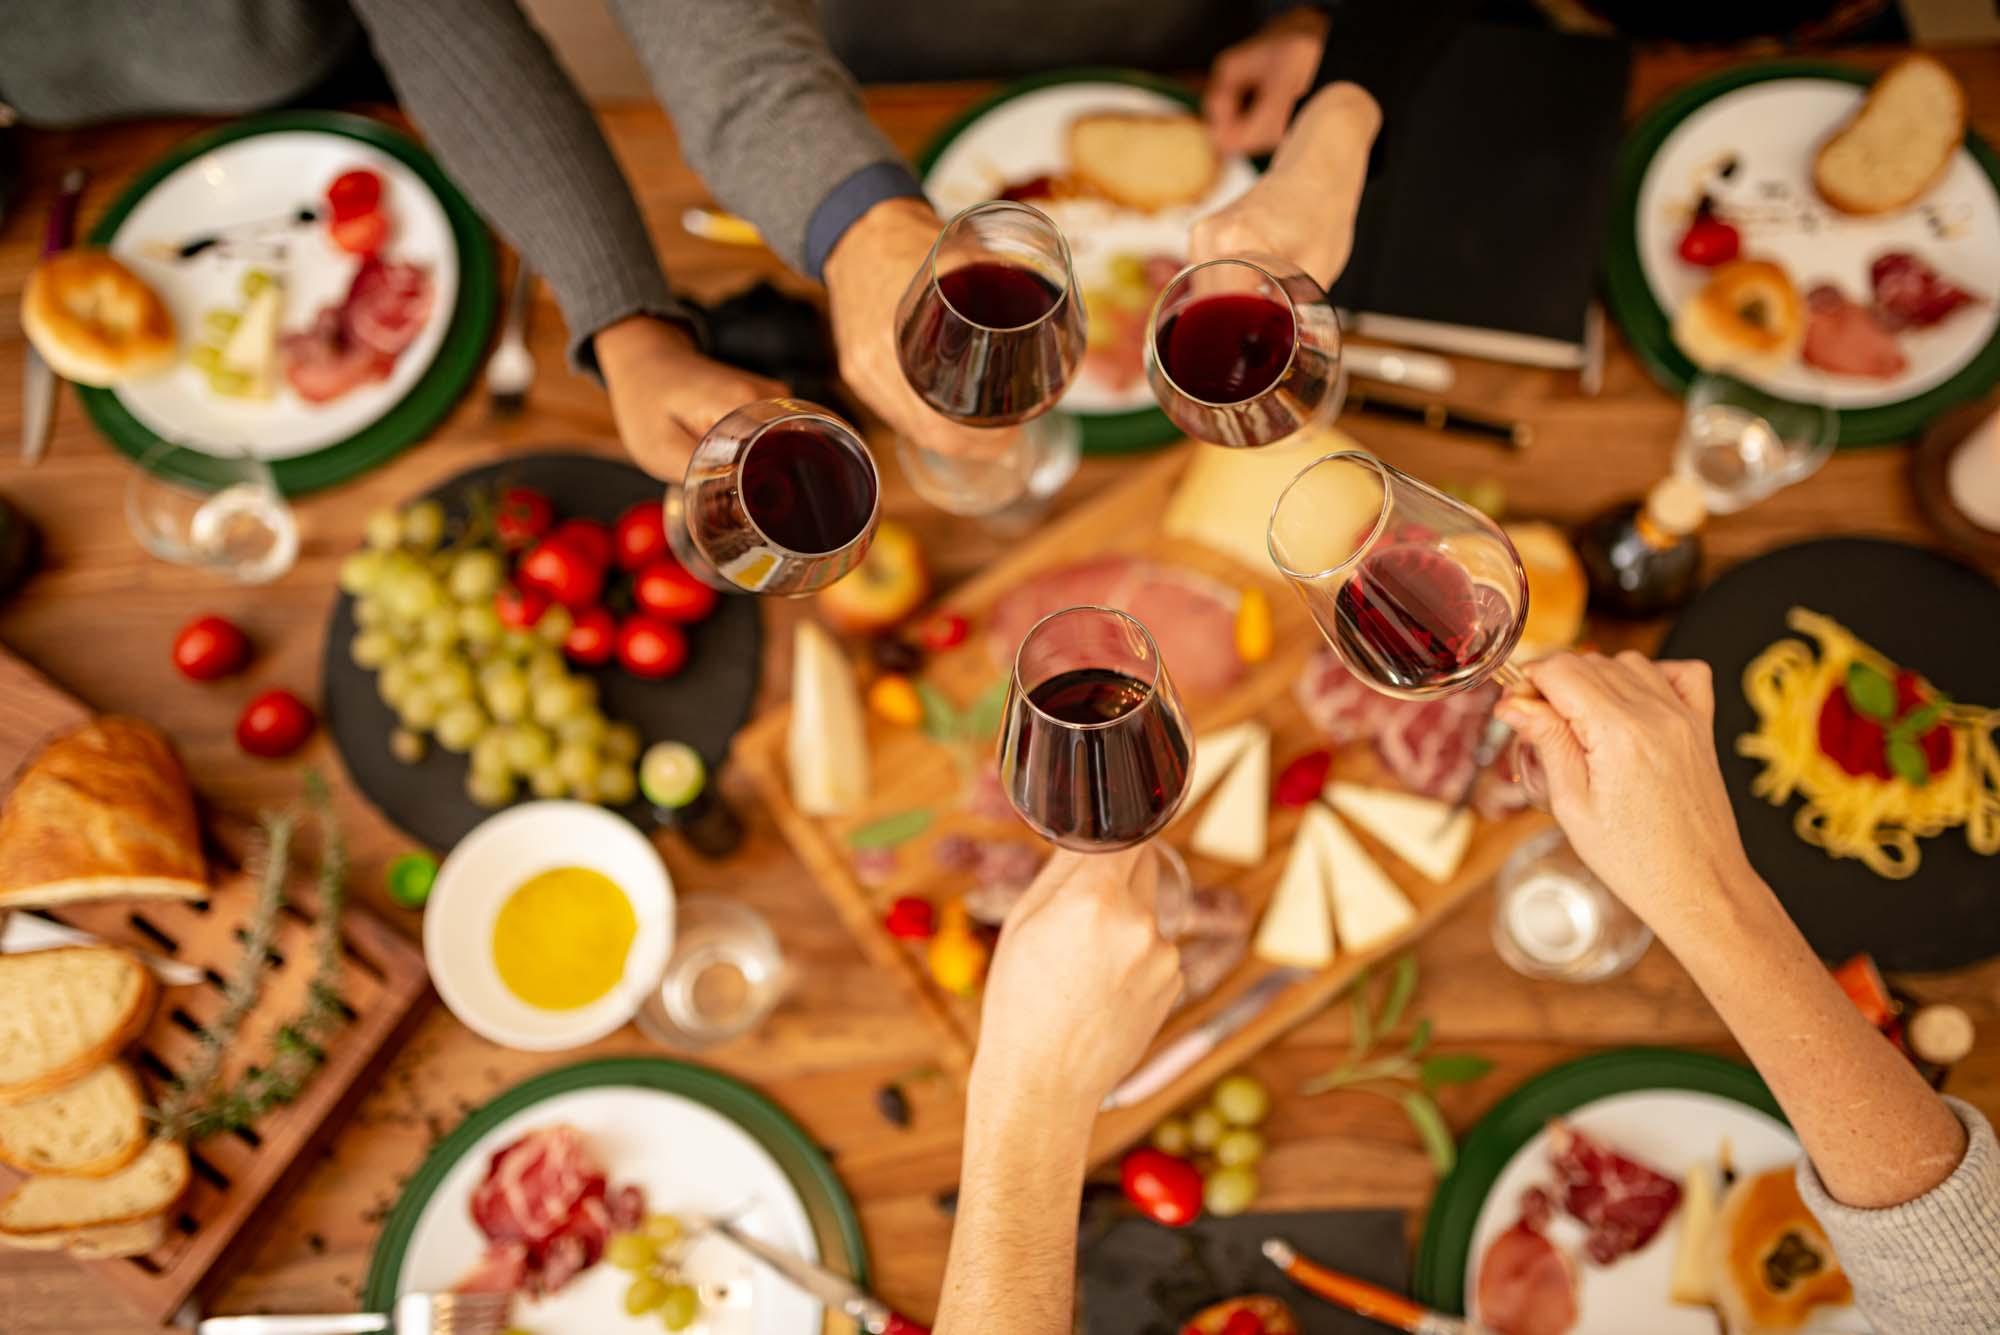 Cucina Amatoriale Formazione Manageriale a Ferrara